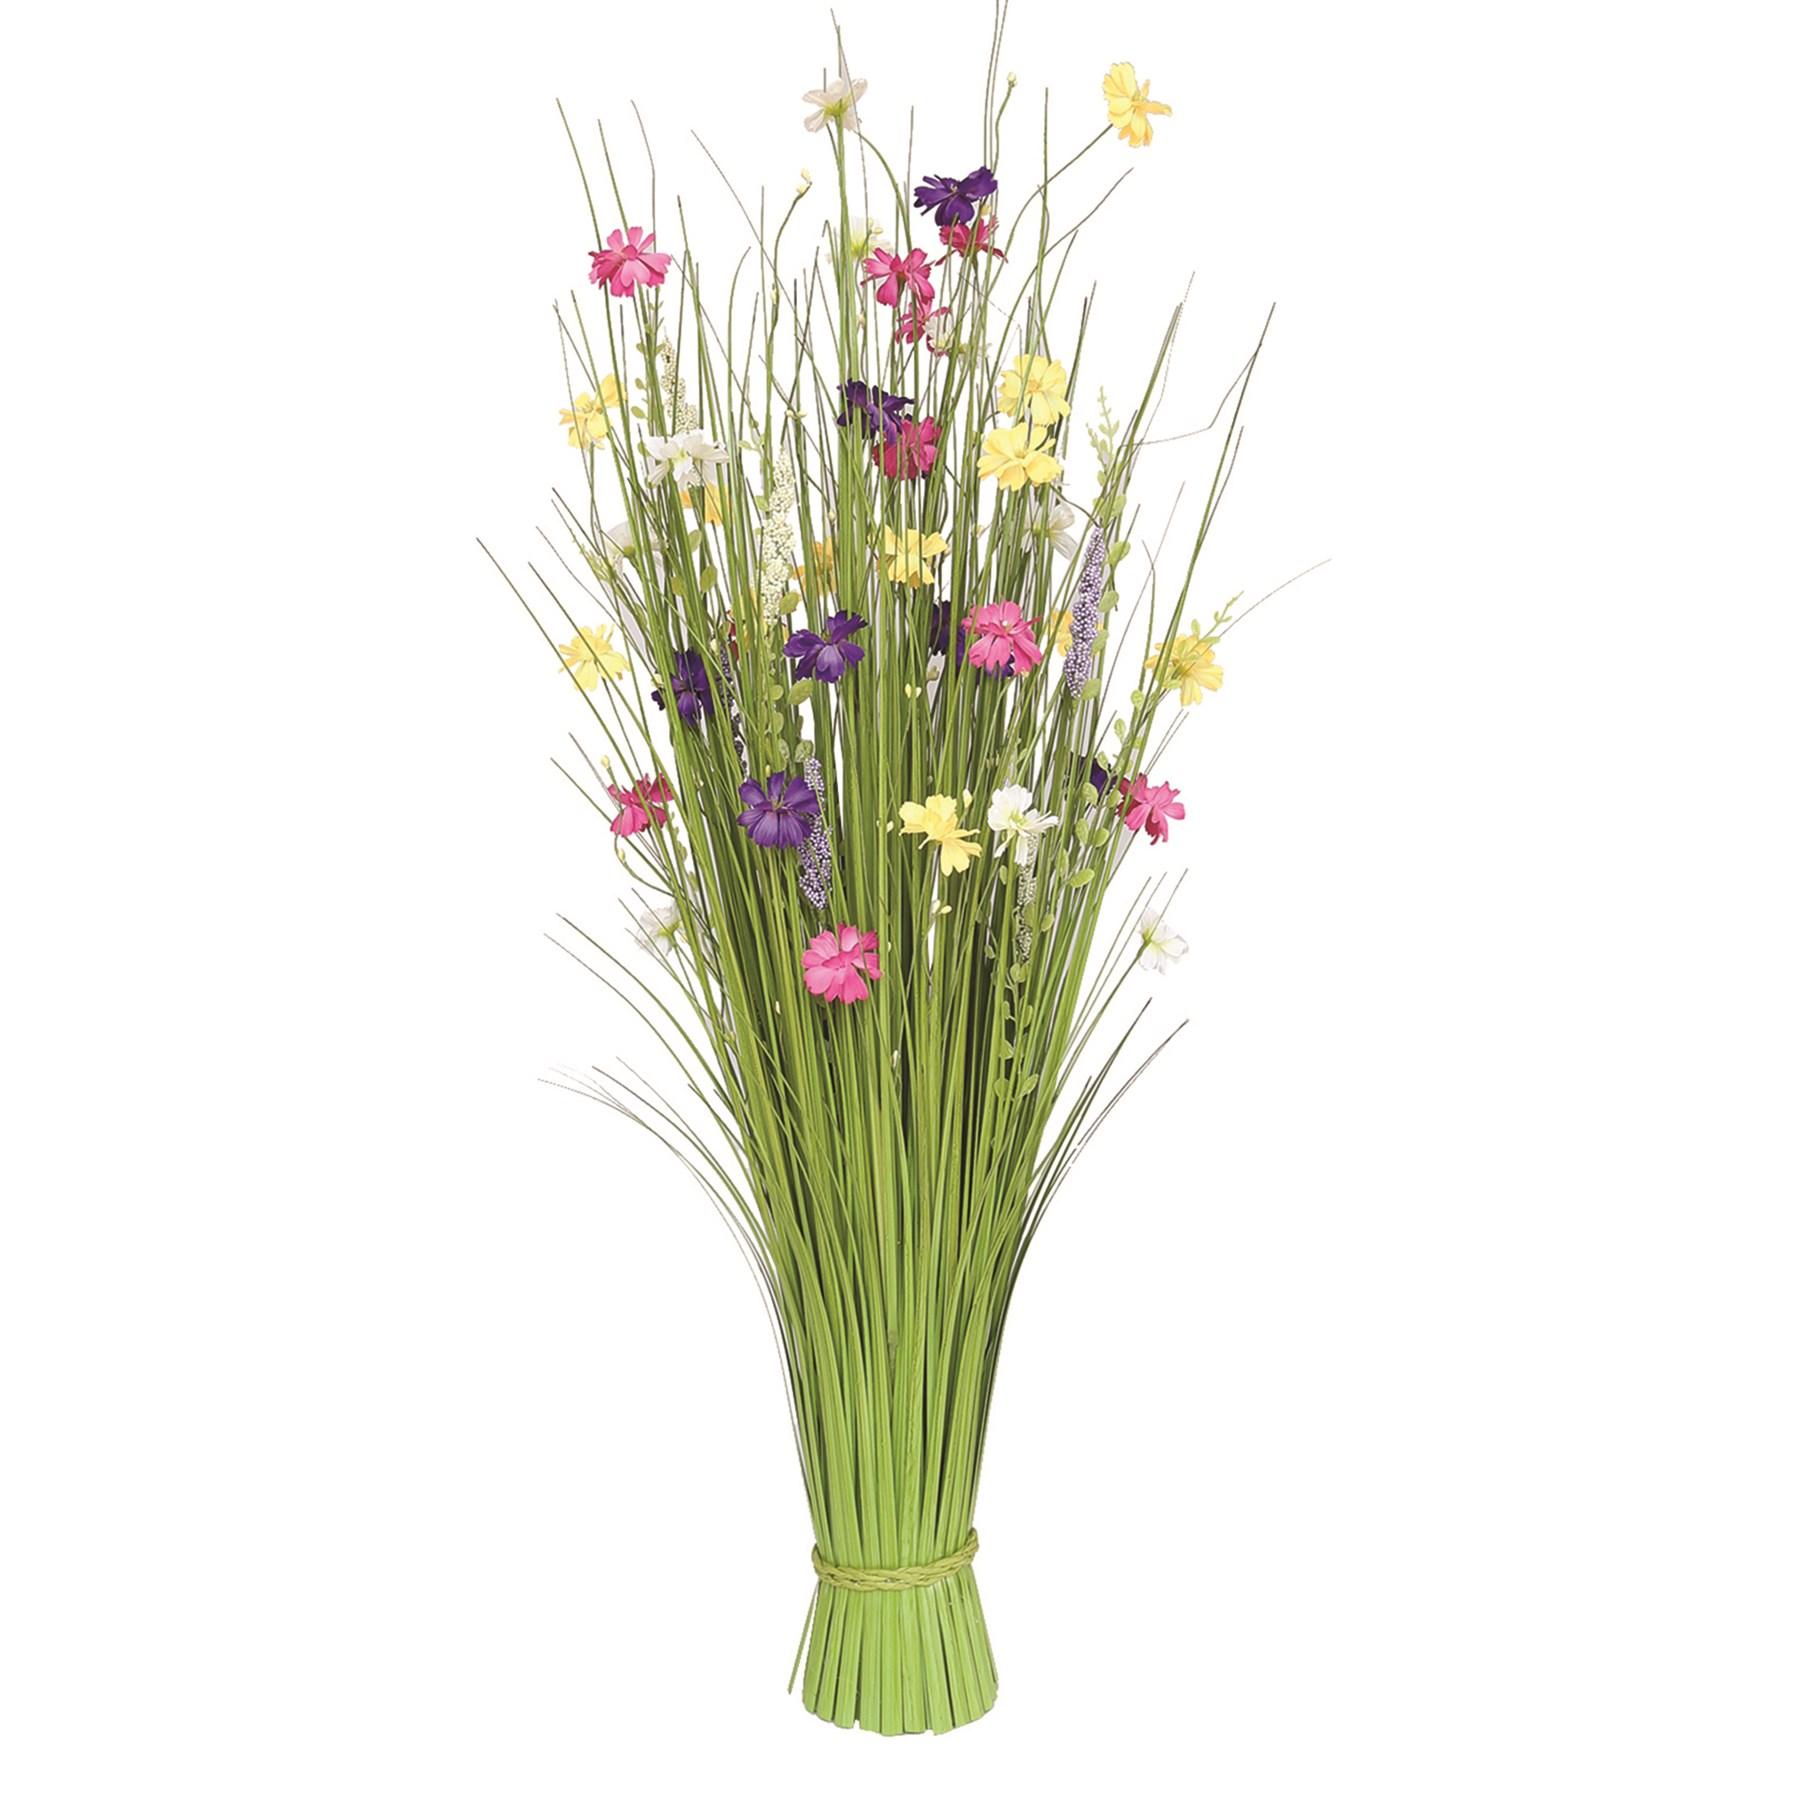 Grass Floral Bundle Mixed Flowers 100cm